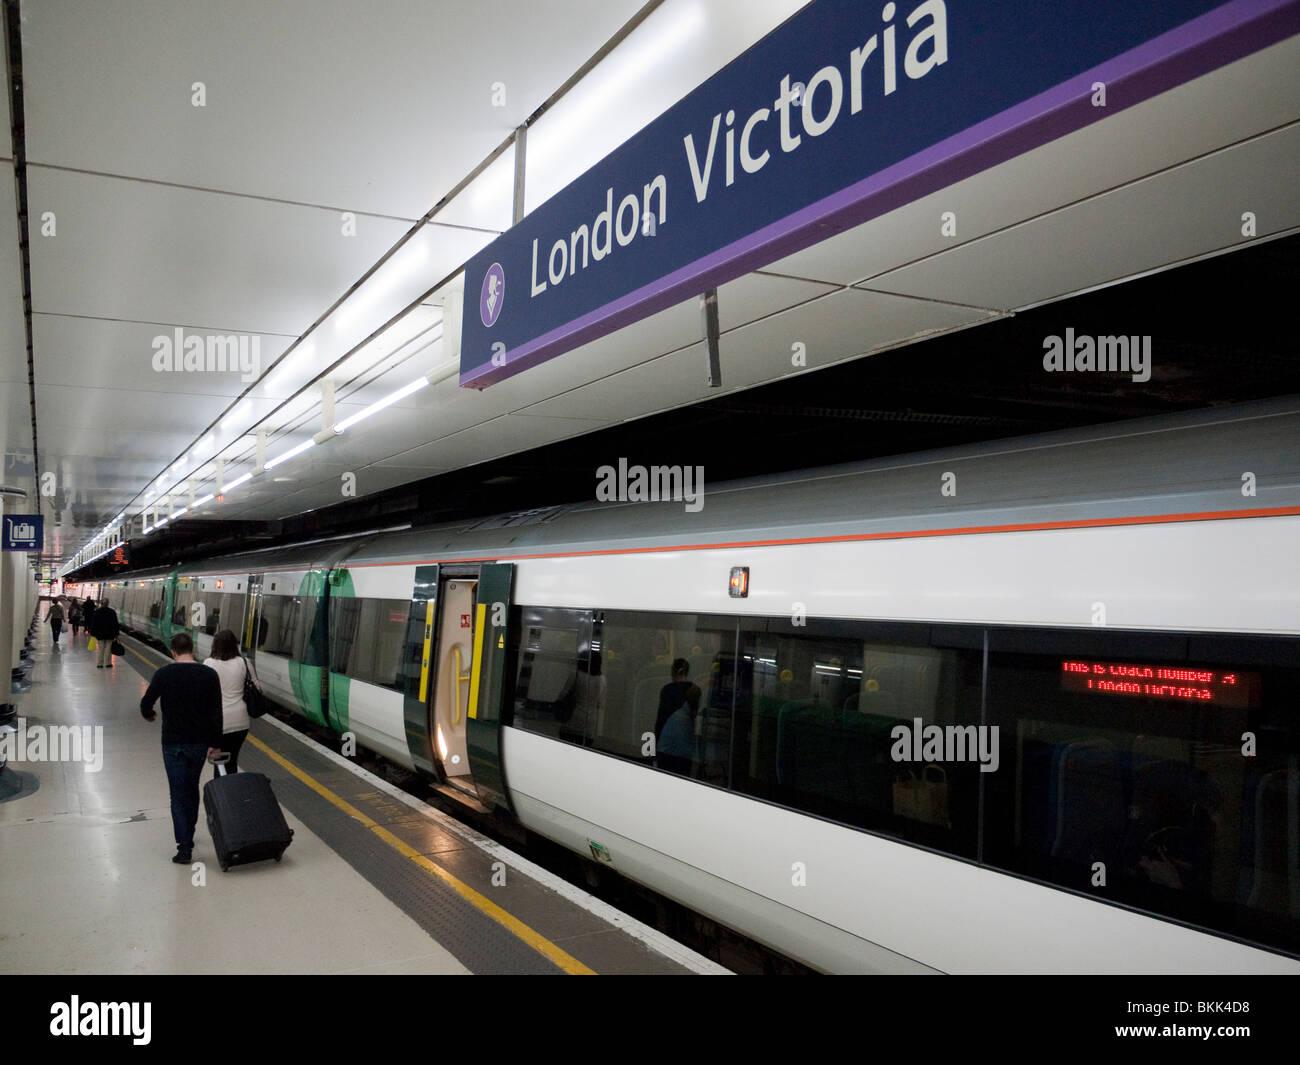 Un tren en un andén en la estación Victoria de Londres en Gran Bretaña Imagen De Stock